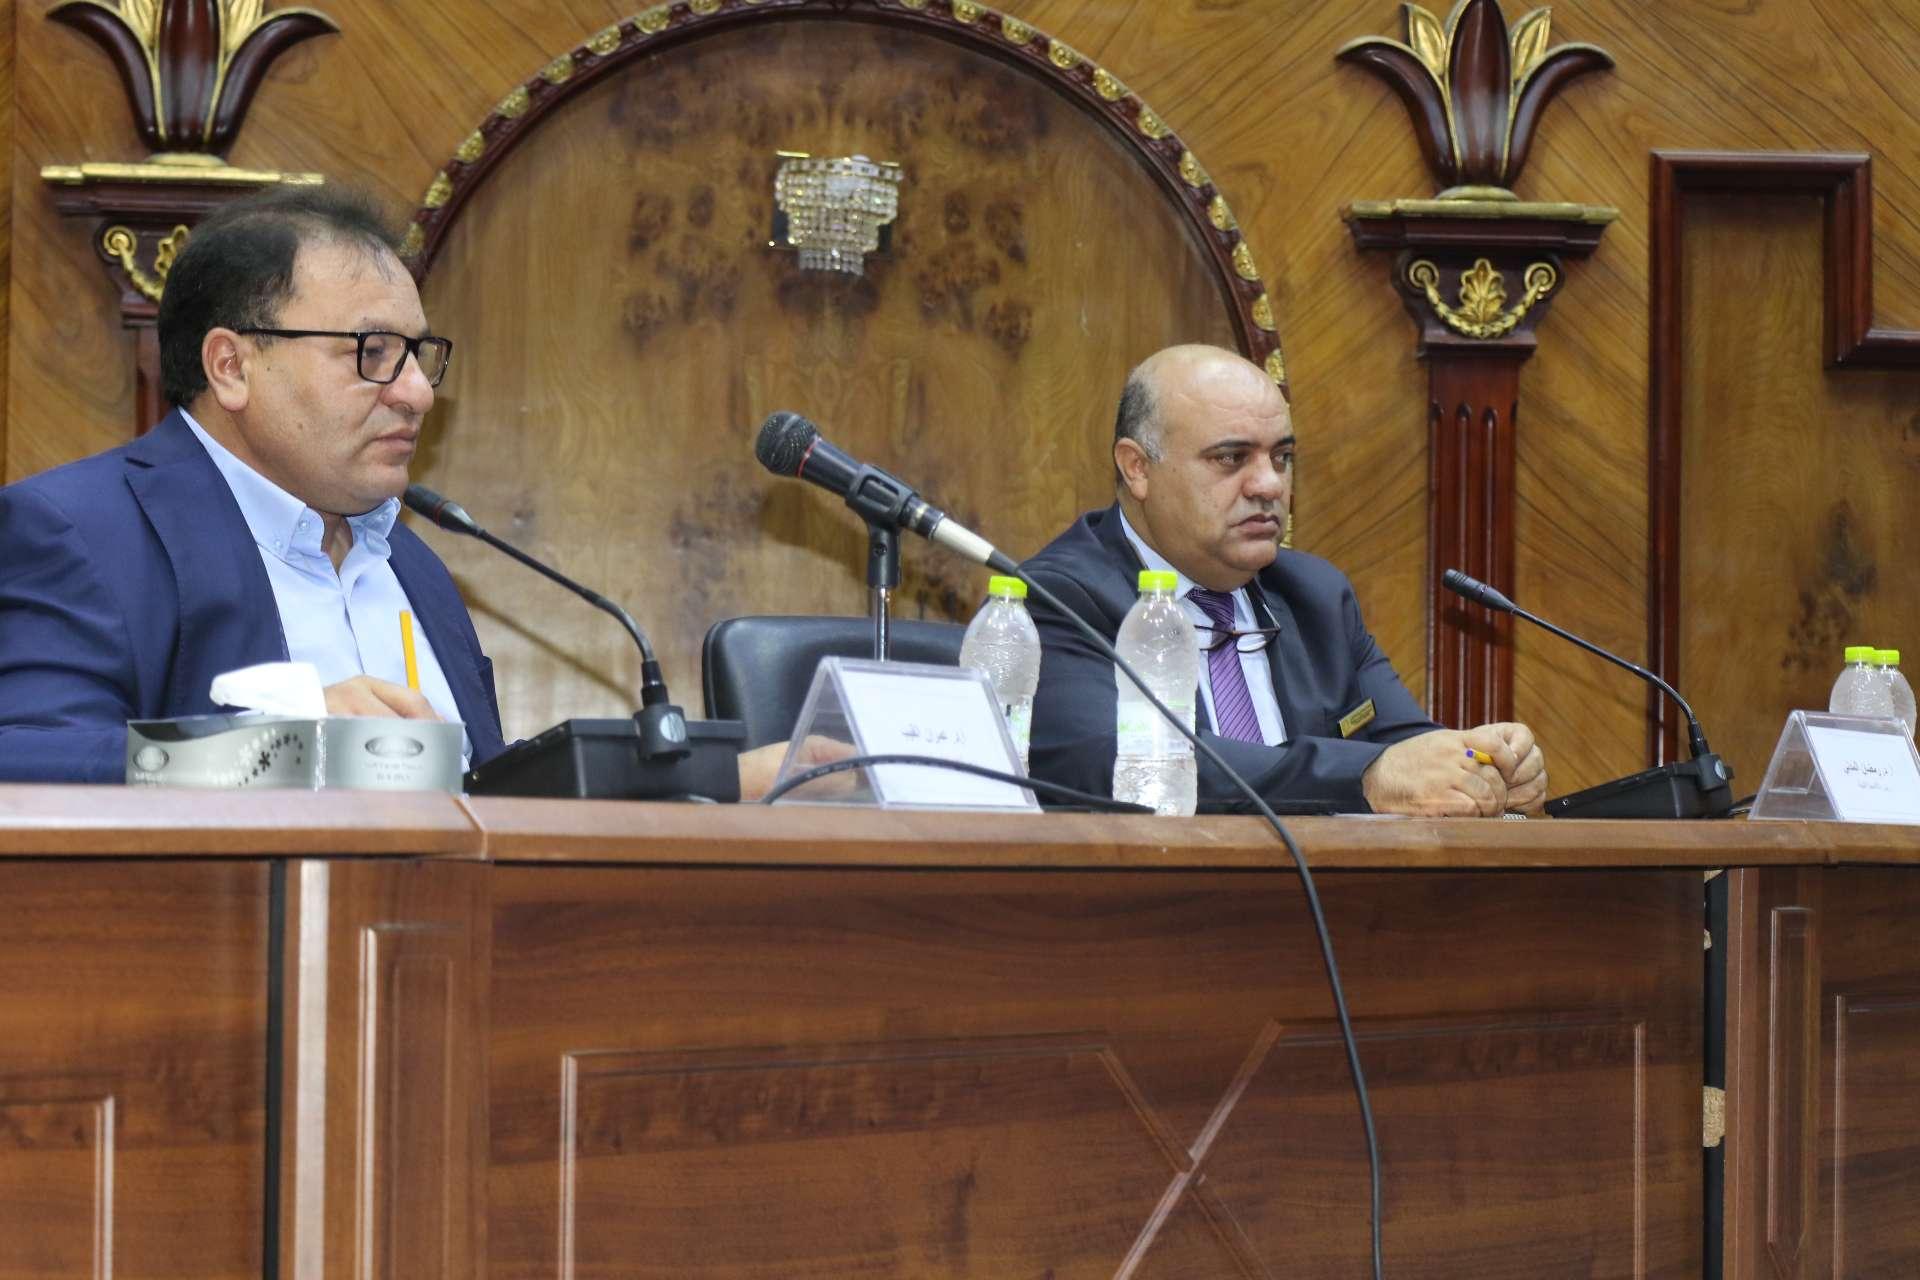 الأكاديمية الليبية للدراسات العليا تستضيف اجتماع وزير التعليم العالي بحكومة الوحدة الوطنية مع اتحاد طلاب الجامعات.